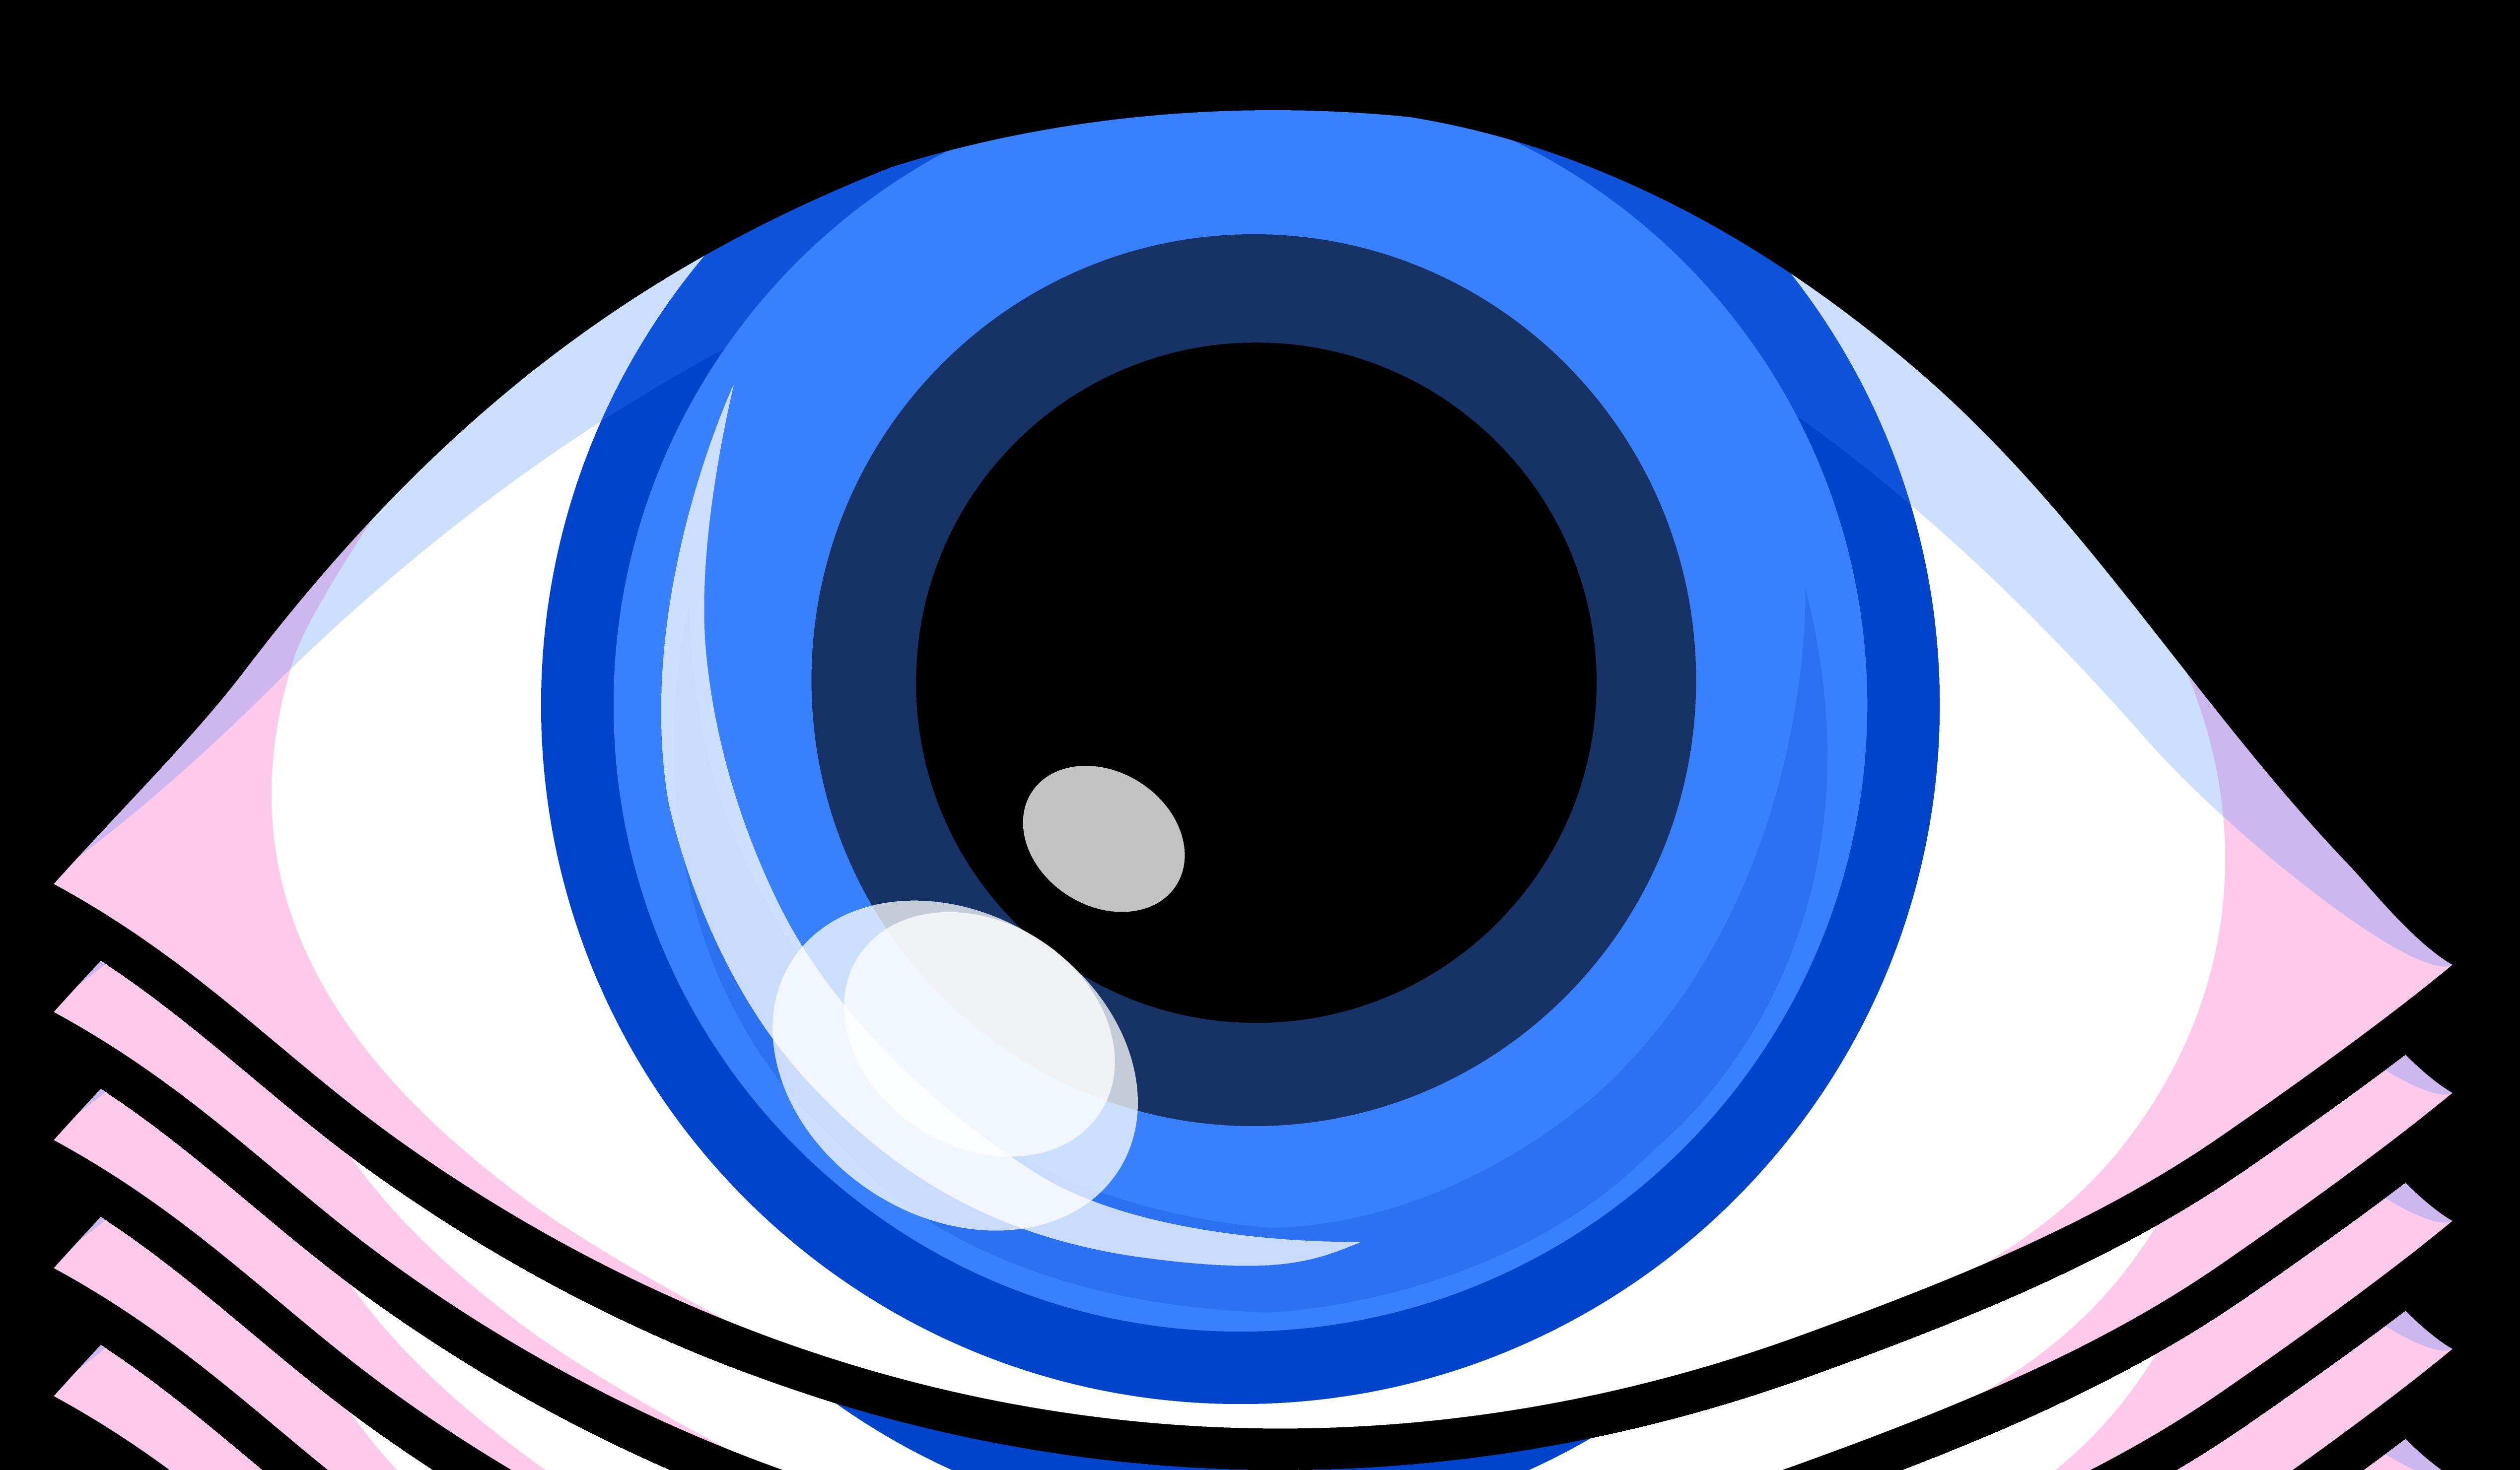 Eye clipart Art Eye & Eye Clipart